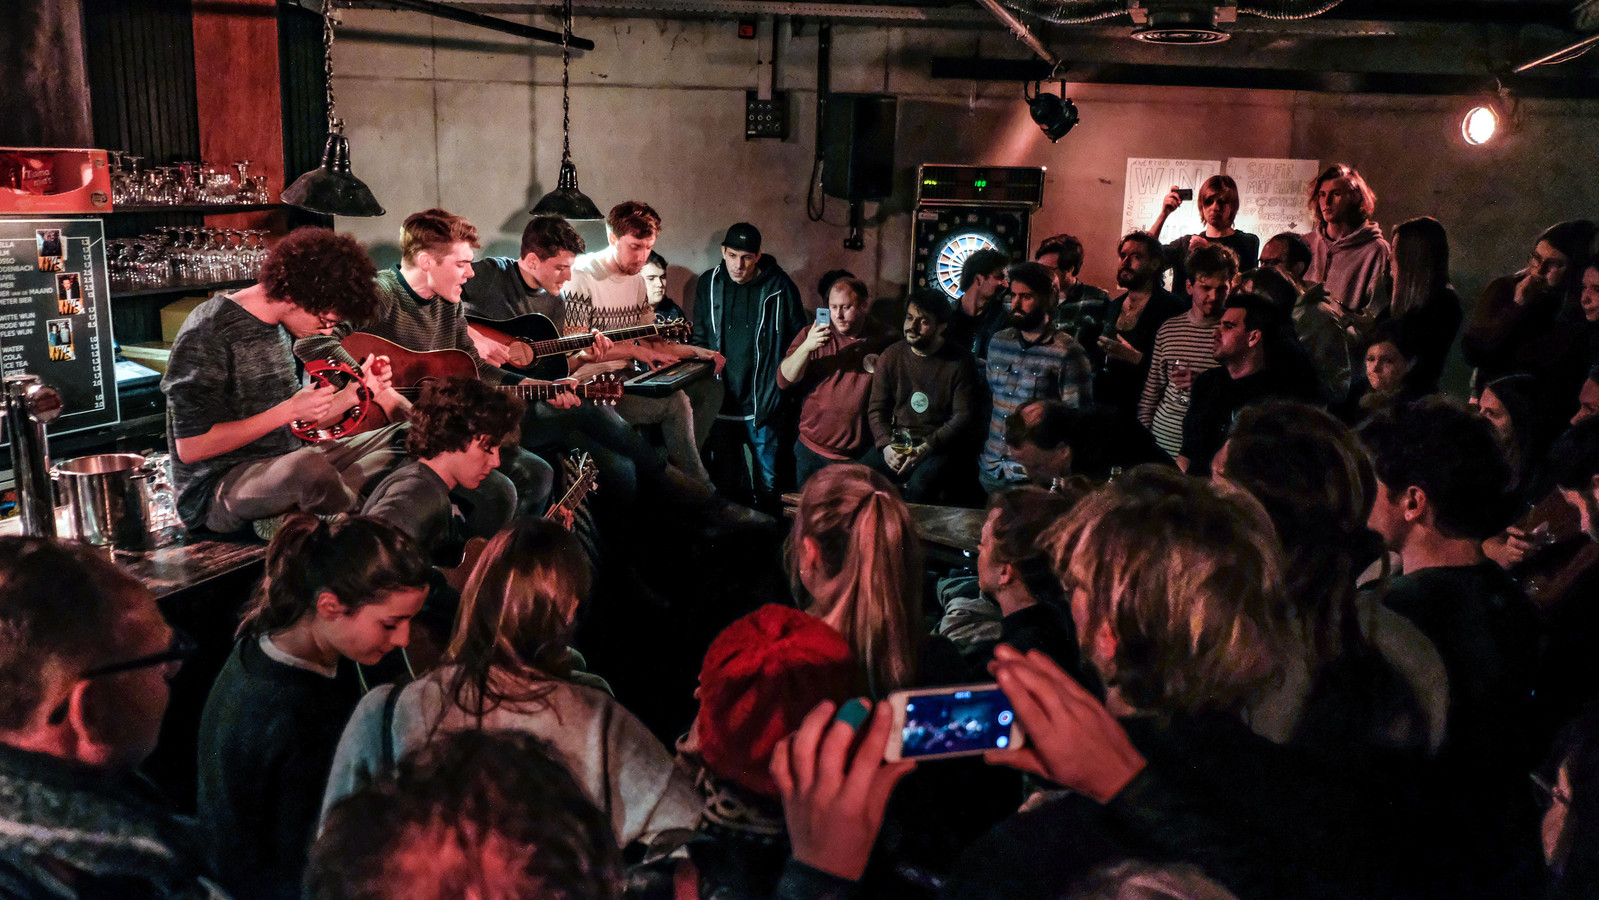 De bandleden van Mooneye, de enige West-Vlaamse band in de finale van De Nieuwe Lichting van Studio Brussel, hebben daarnet een akoestisch miniconcert gegeven in jeugdhuis Krak in Avelgem.